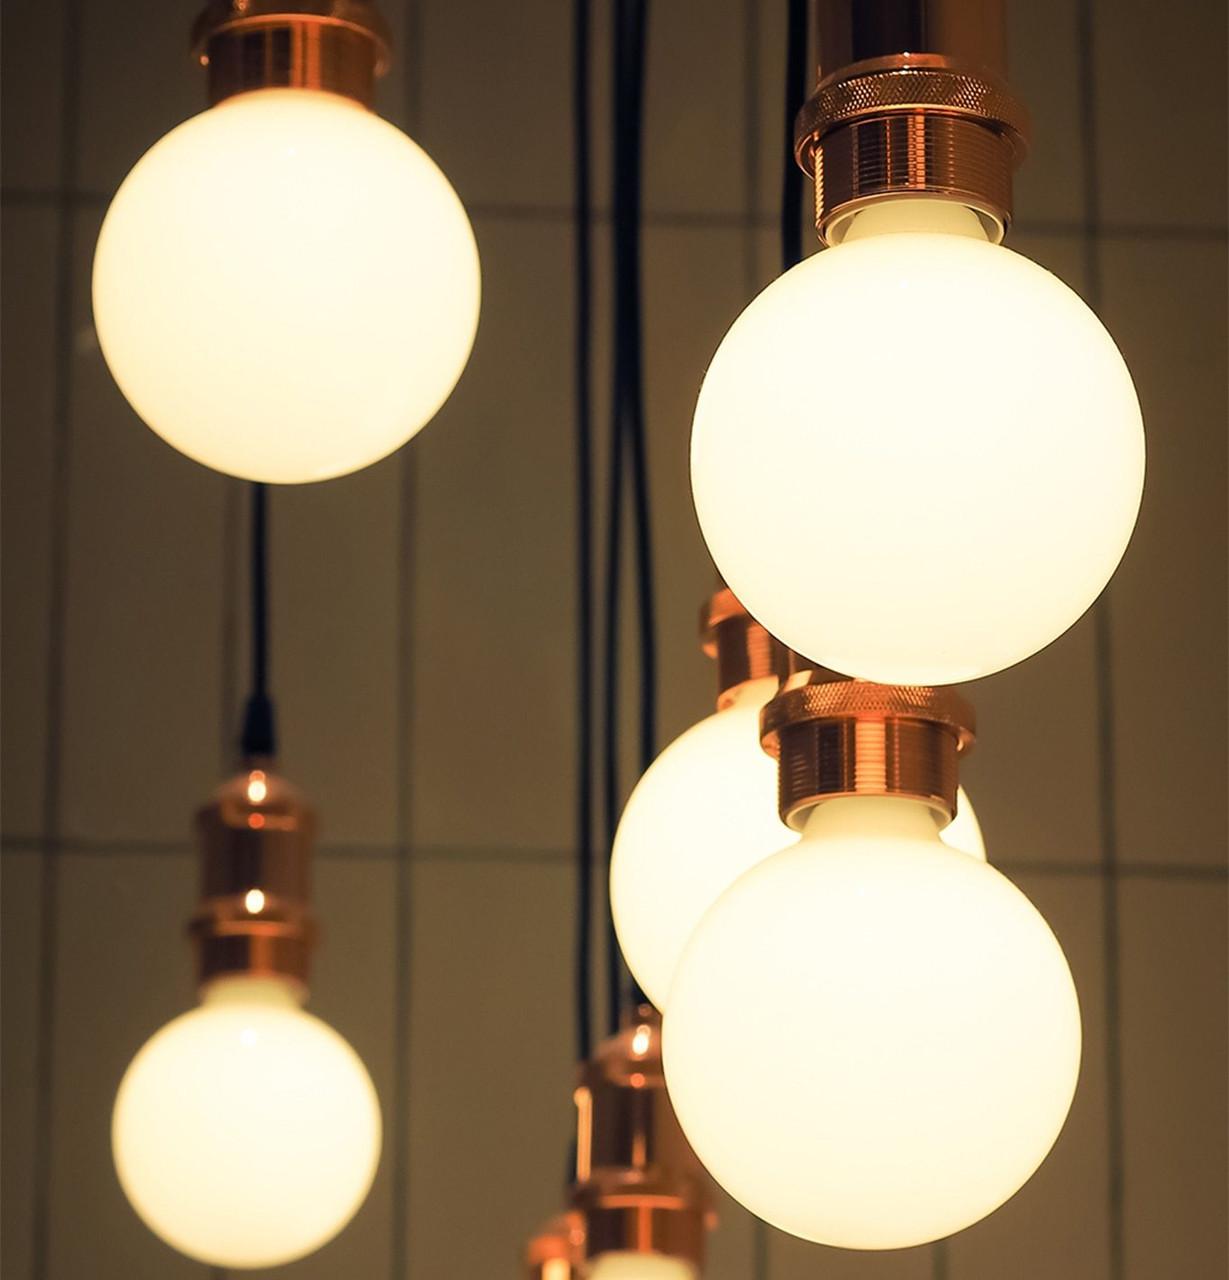 LED Dimmable Globe BC-B22d Light Bulbs